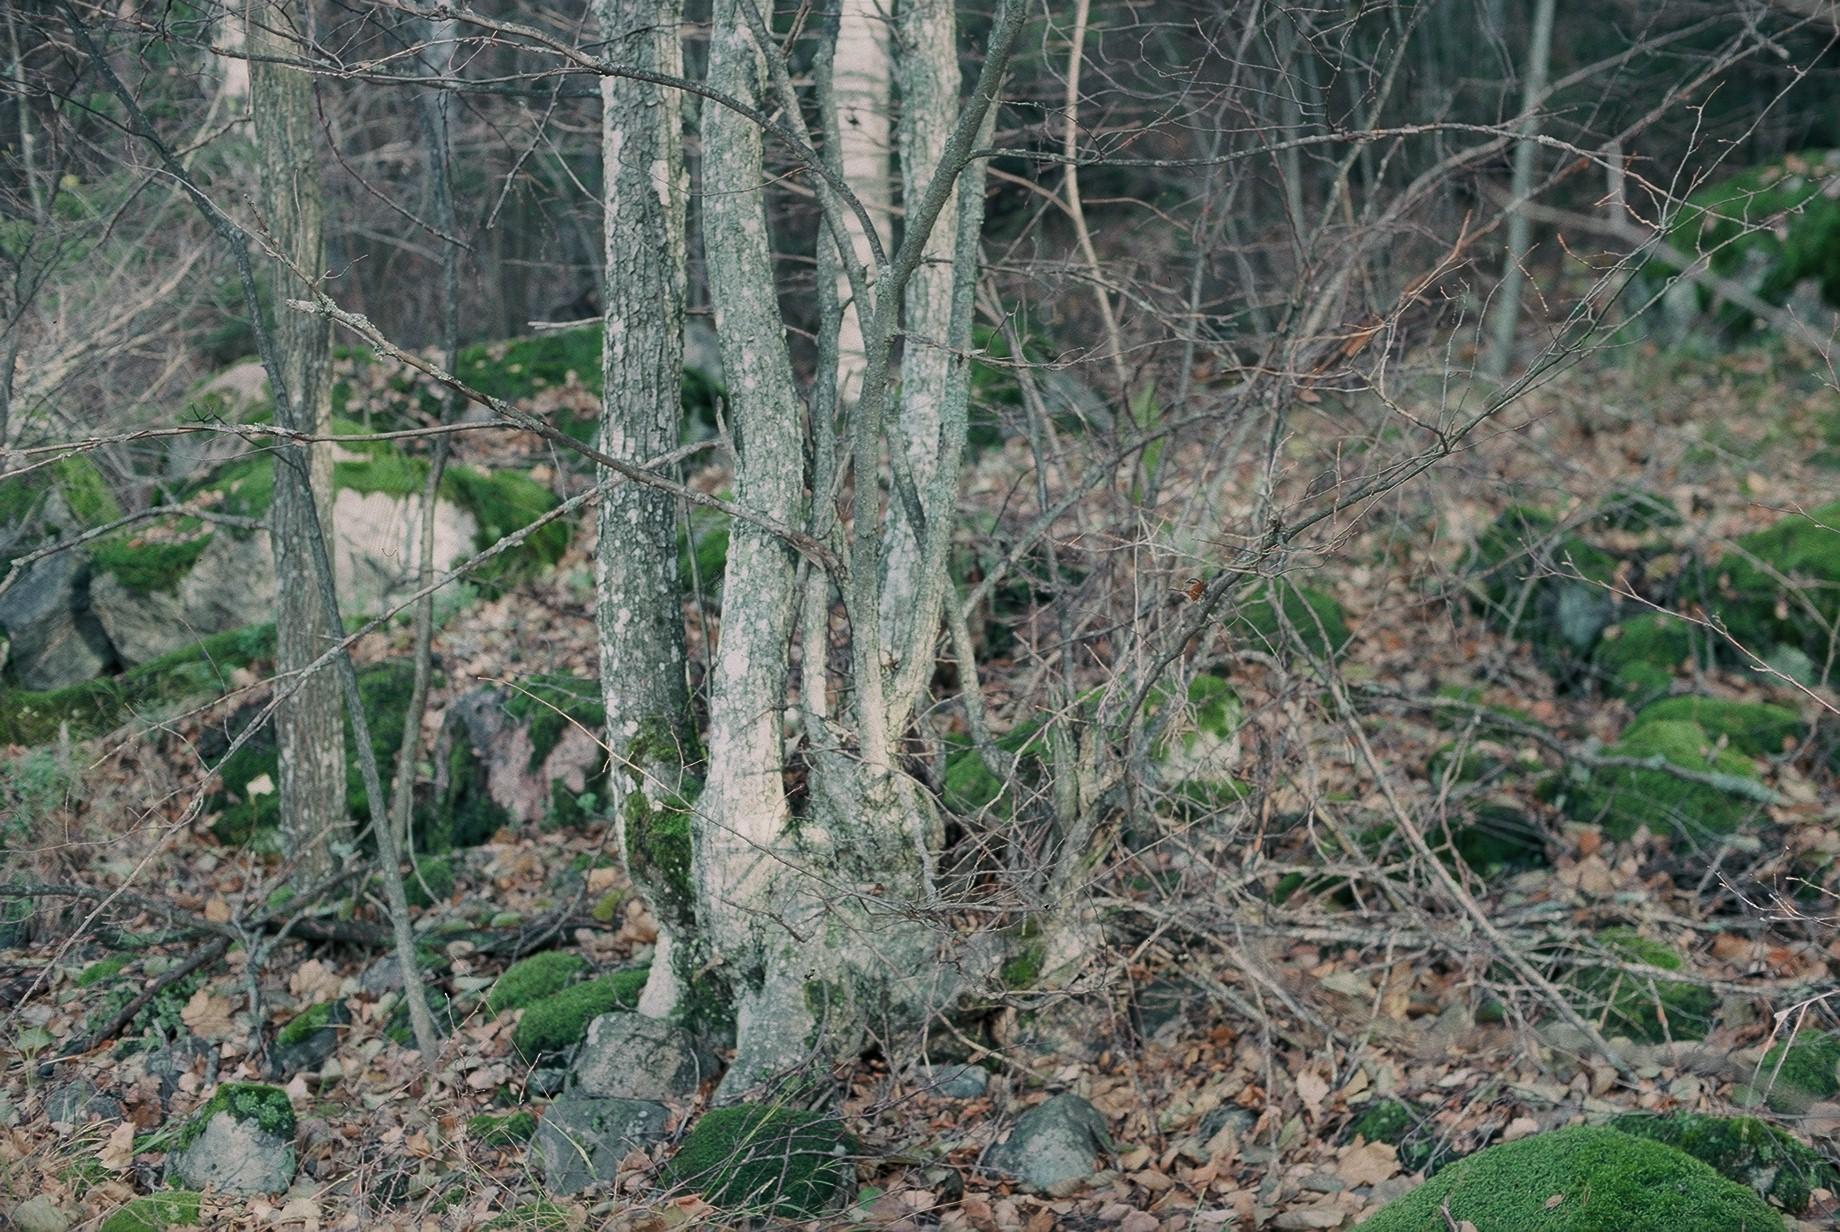 Luonnonmuistomerkki, kynäjalavaryhmä, Jalassaari, kuva Lohjan ympäristönsuojelu.